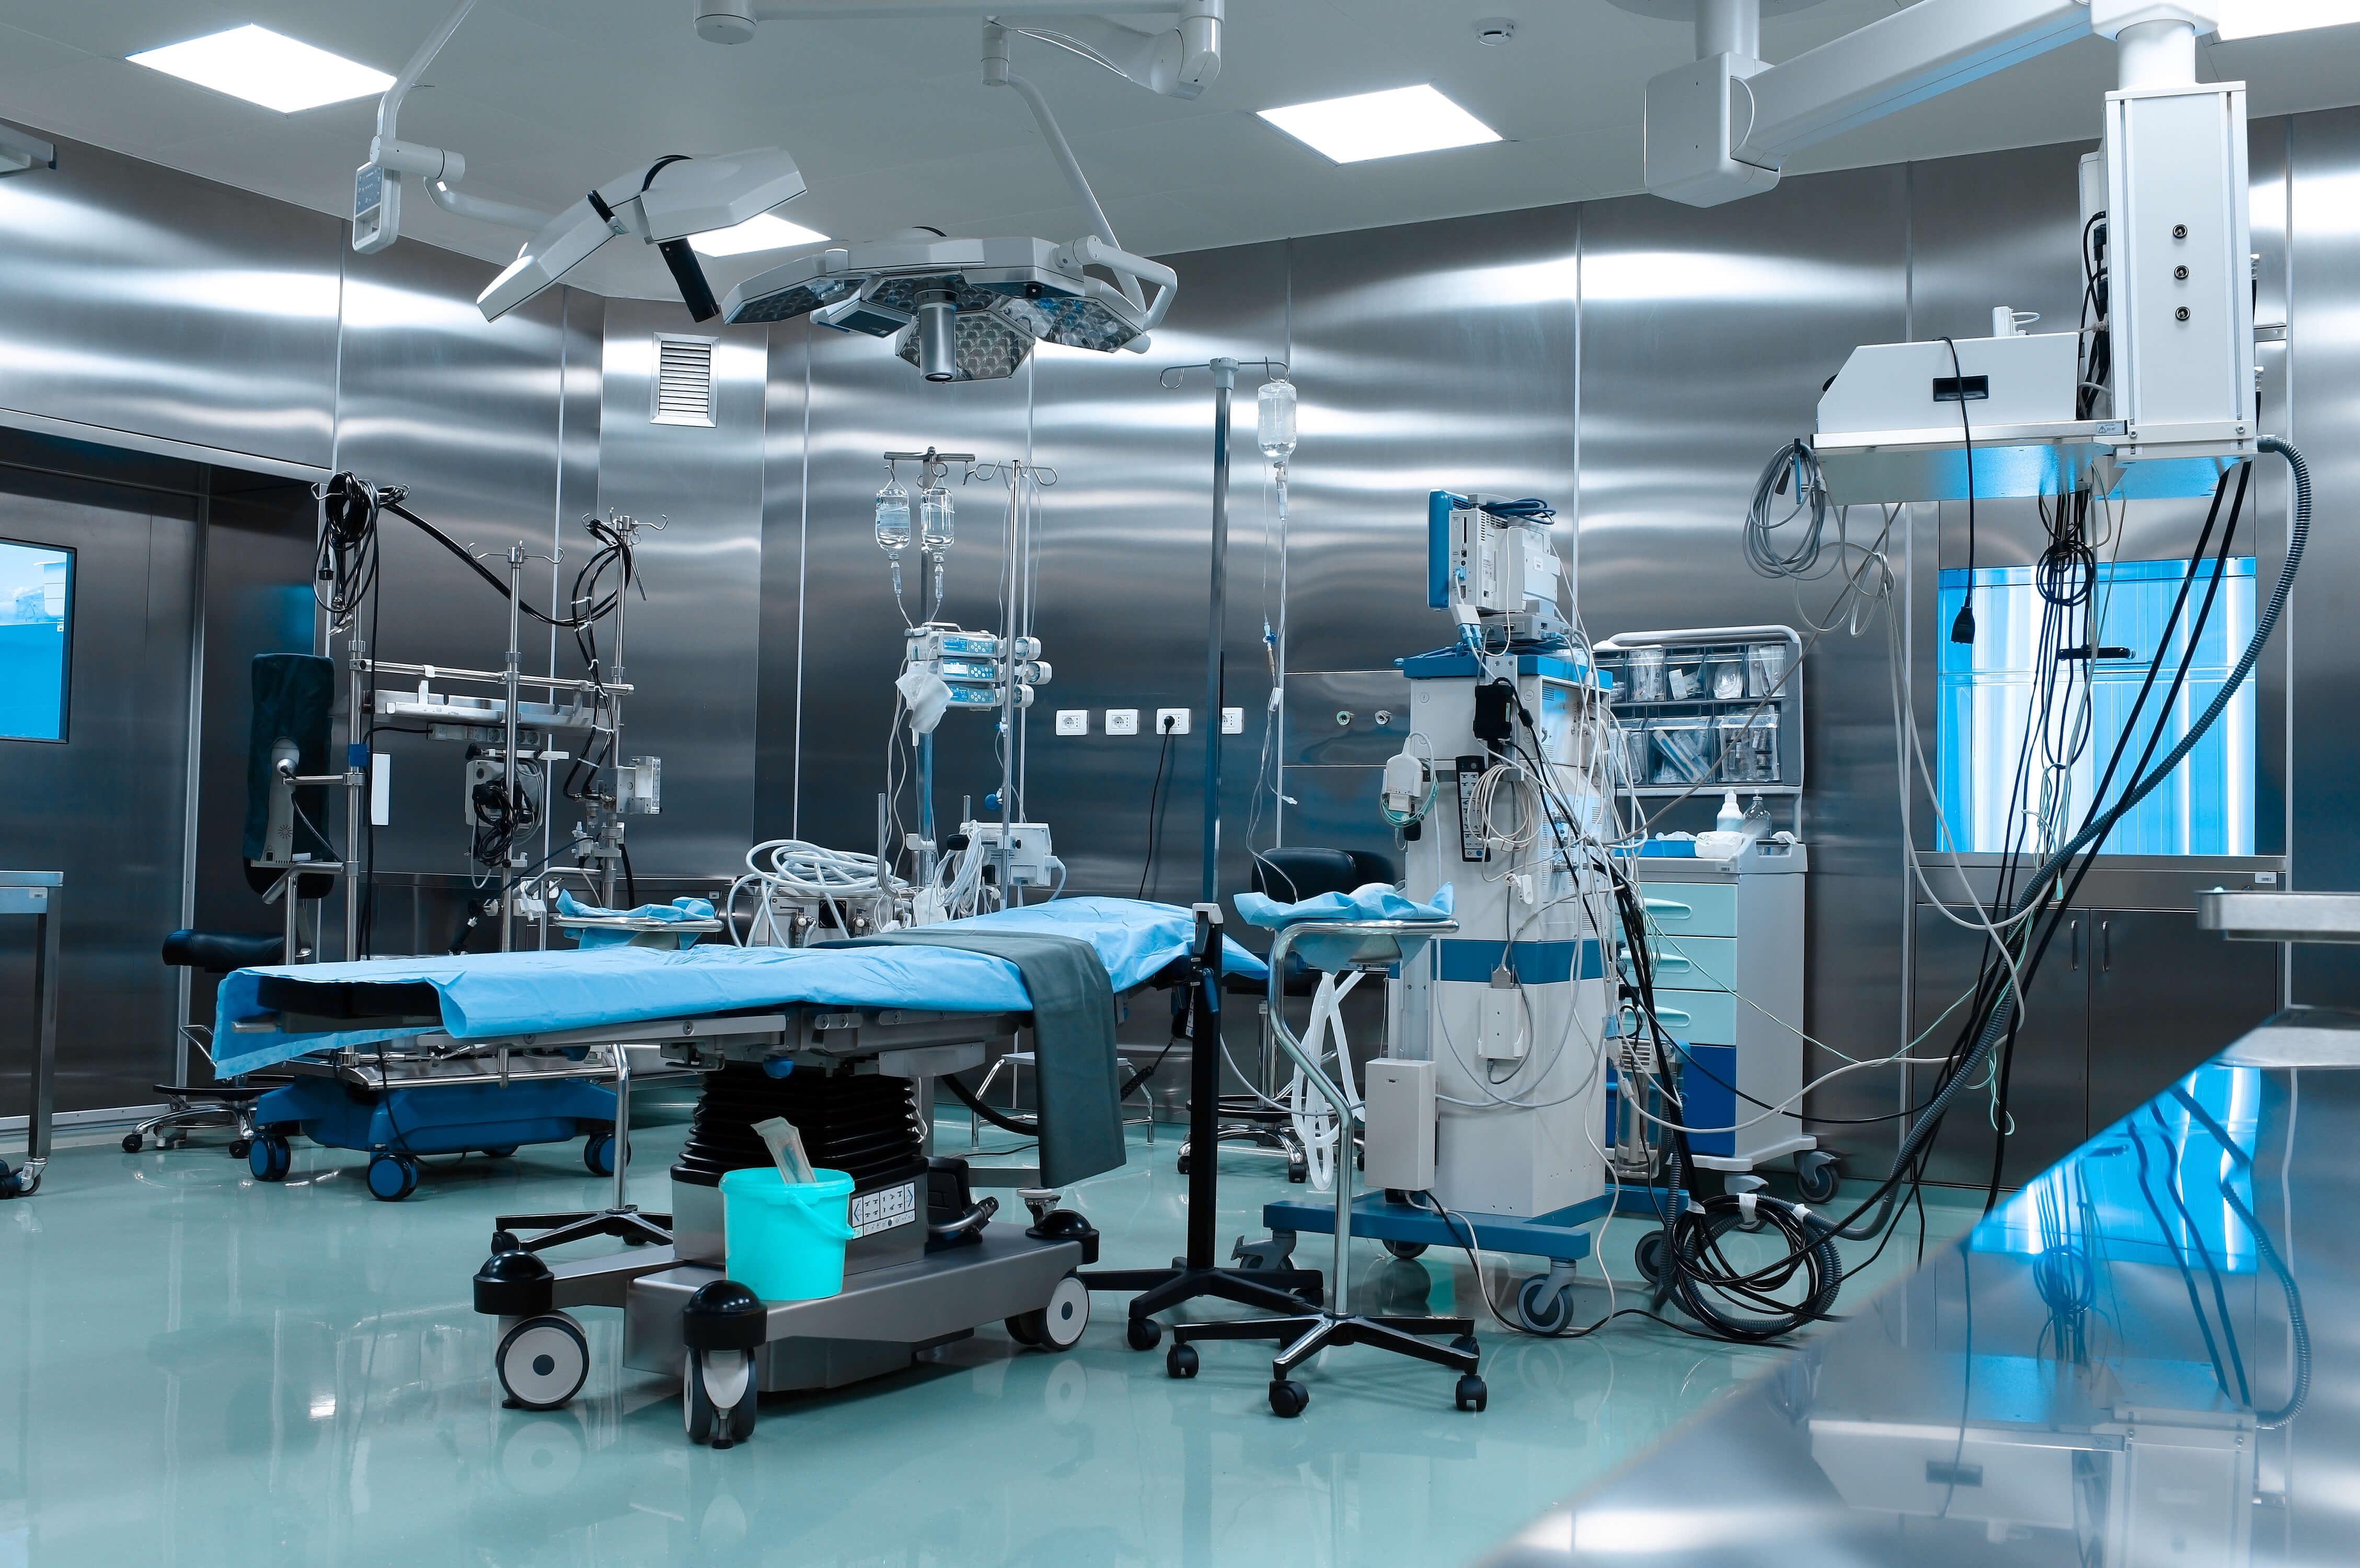 Coronavirus : 7 millions de DH au profit du CHU Mohammed 6 et des hôpitaux de la région Marrakech-Safi